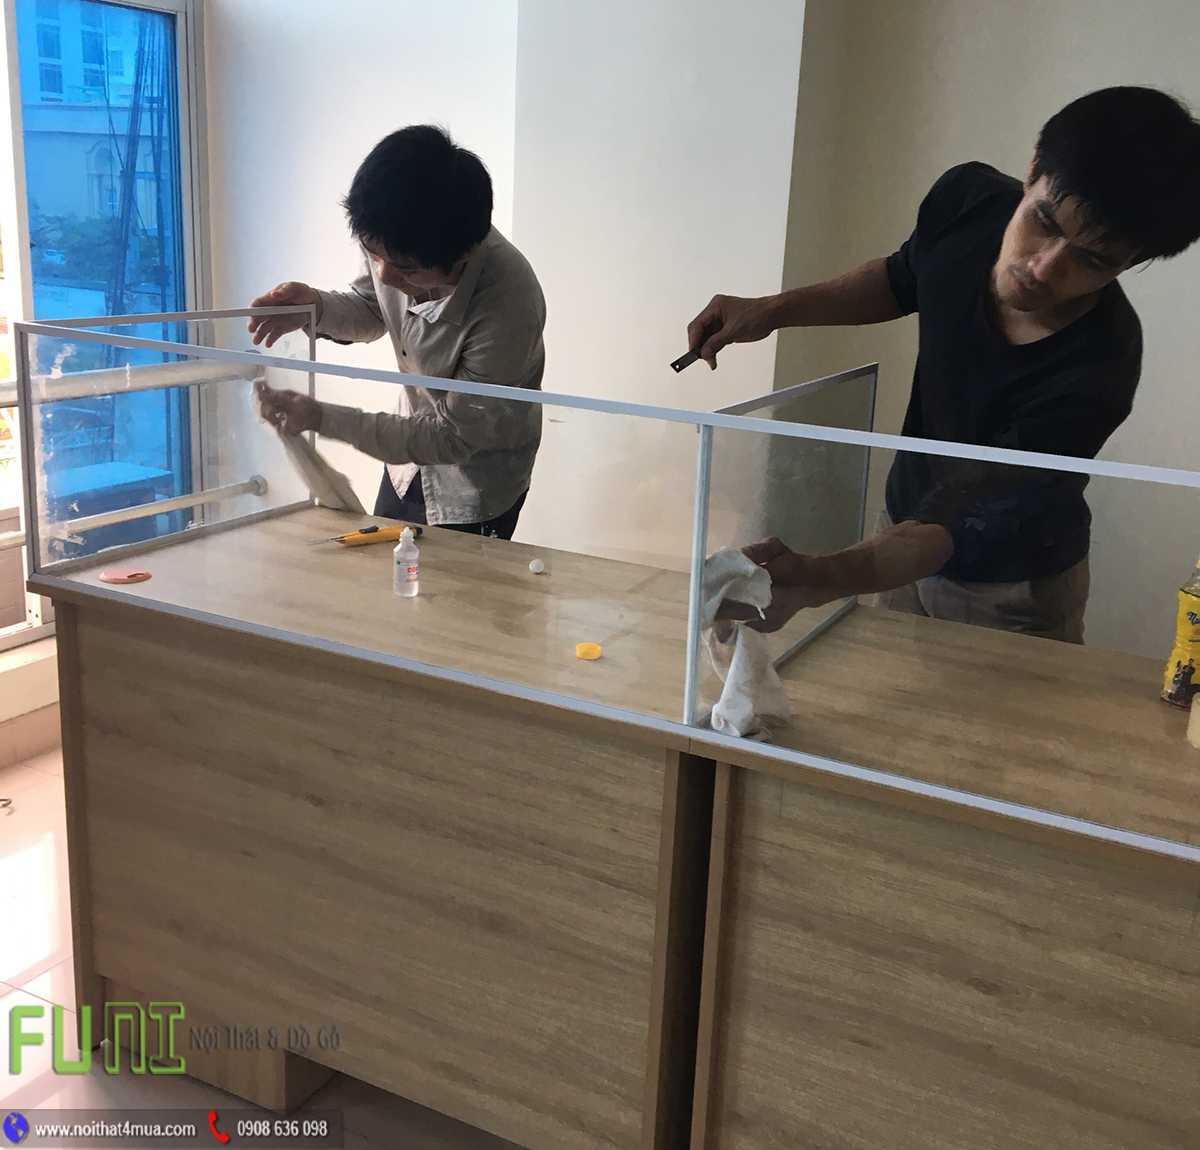 Thi công nội thất trọn gói tại Tp.HCM